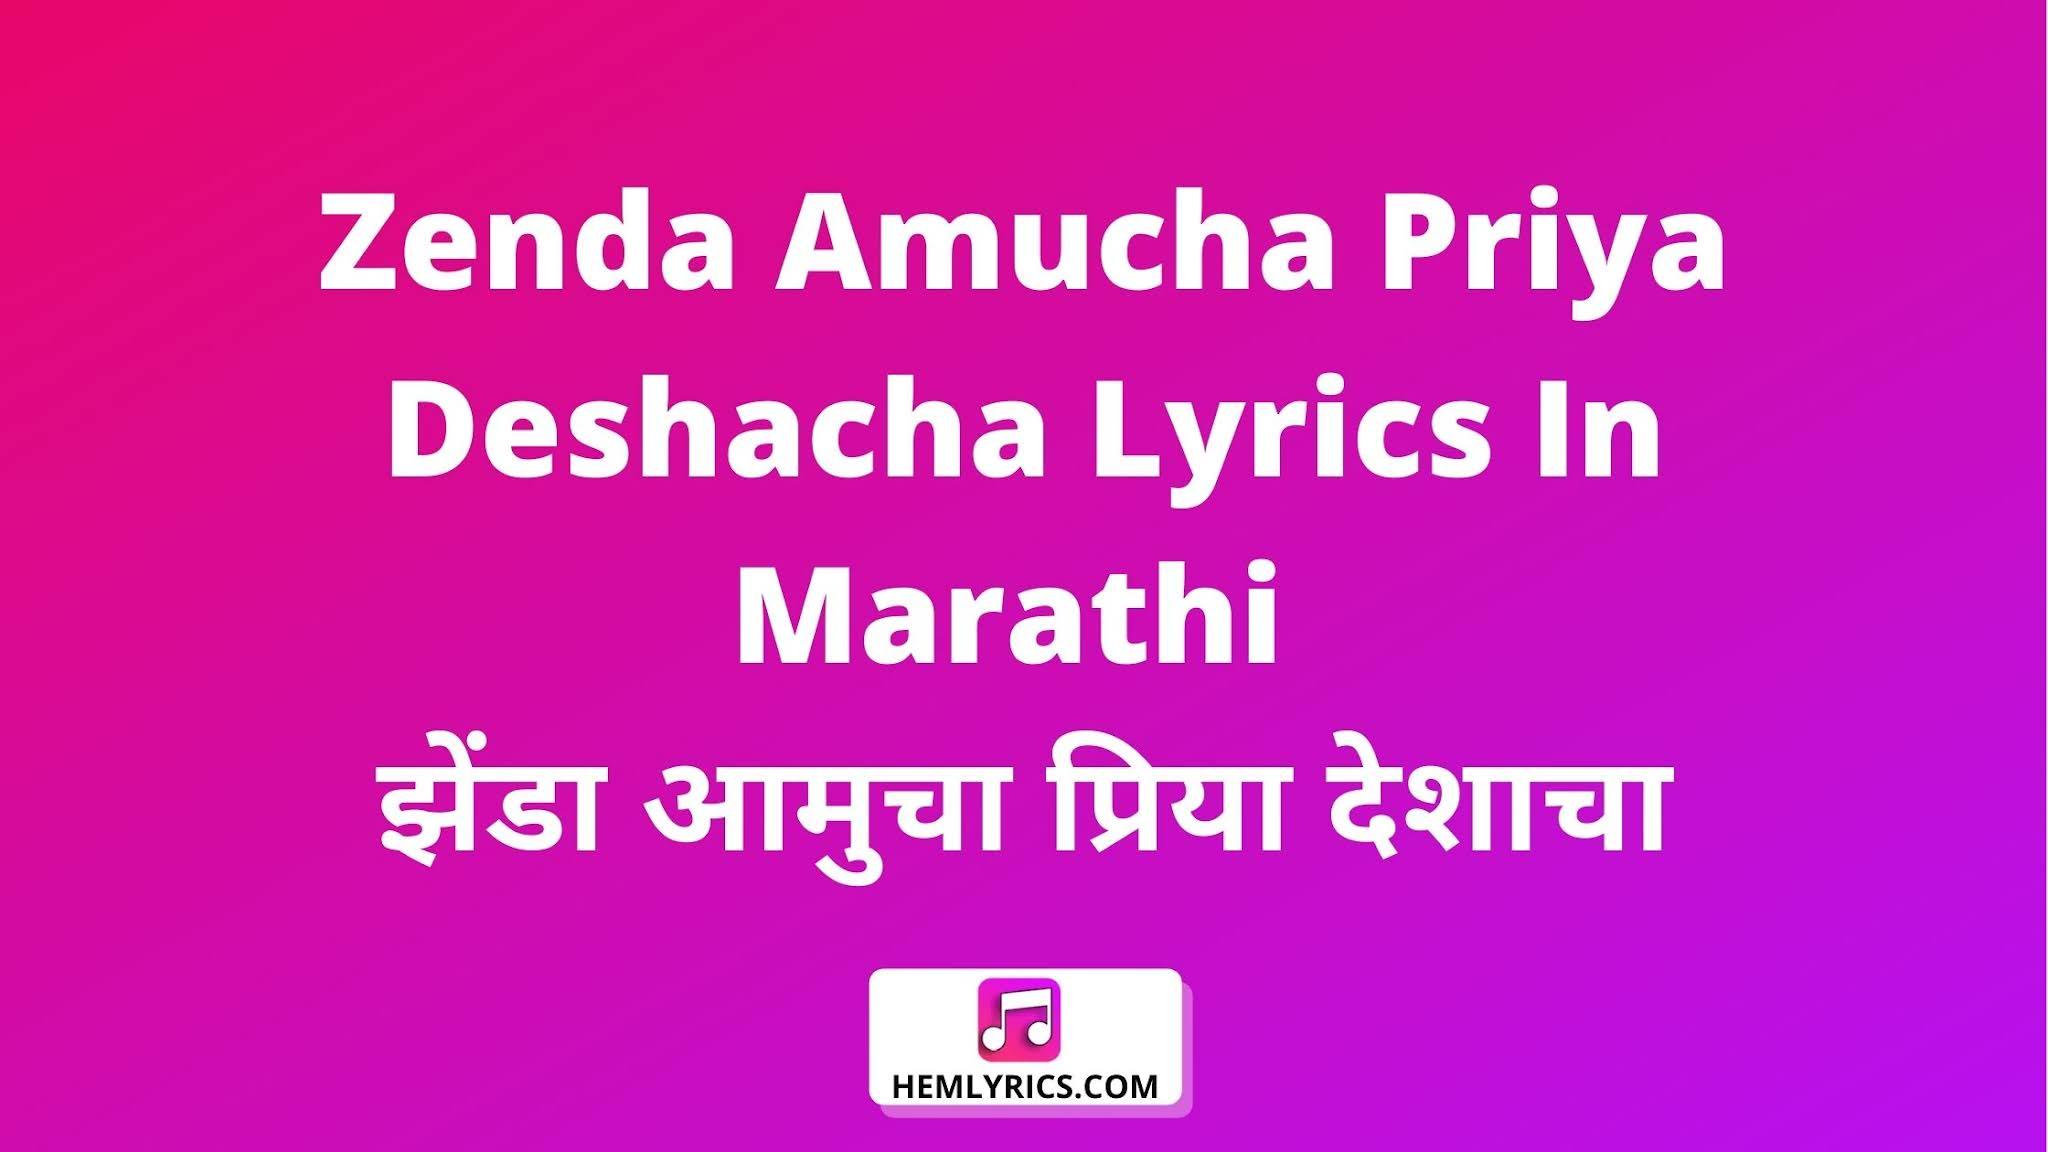 Zenda Amucha Priya Deshacha Lyrics In Marathi   झेंडा आमुचा प्रिया देशाचा